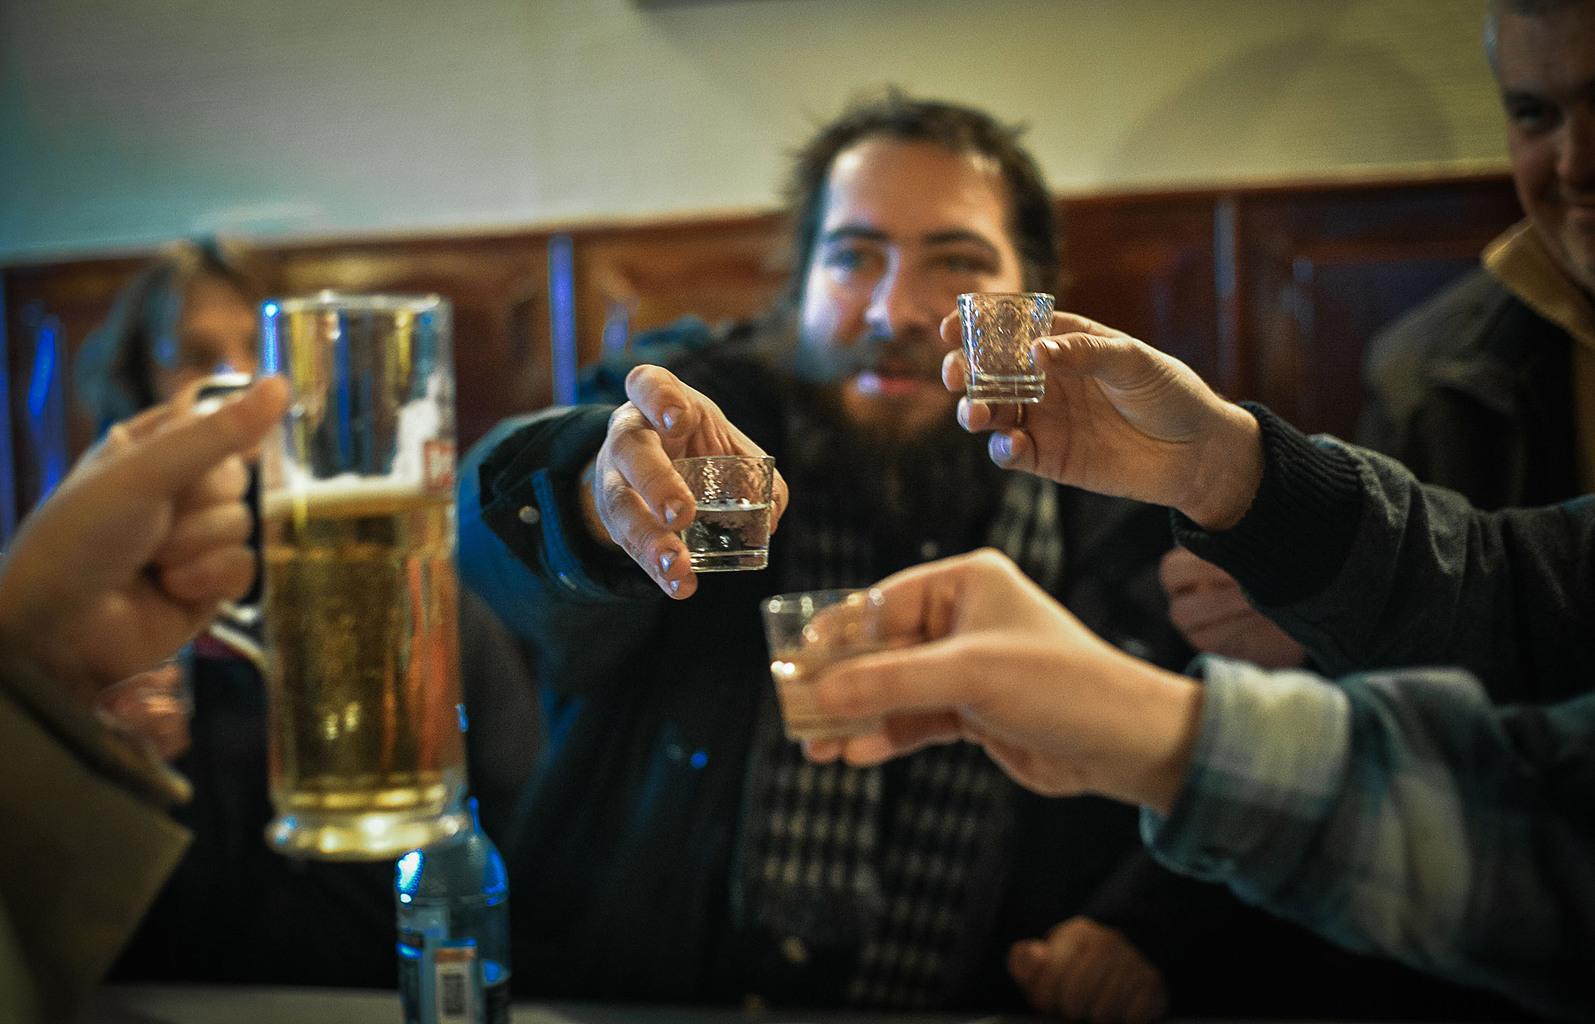 """""""Az ember azért emeli poharát s mond köszöntőt, hogy az alkoholhoz hozzátegyen egy kis tartalmat is."""" #moszkvater"""